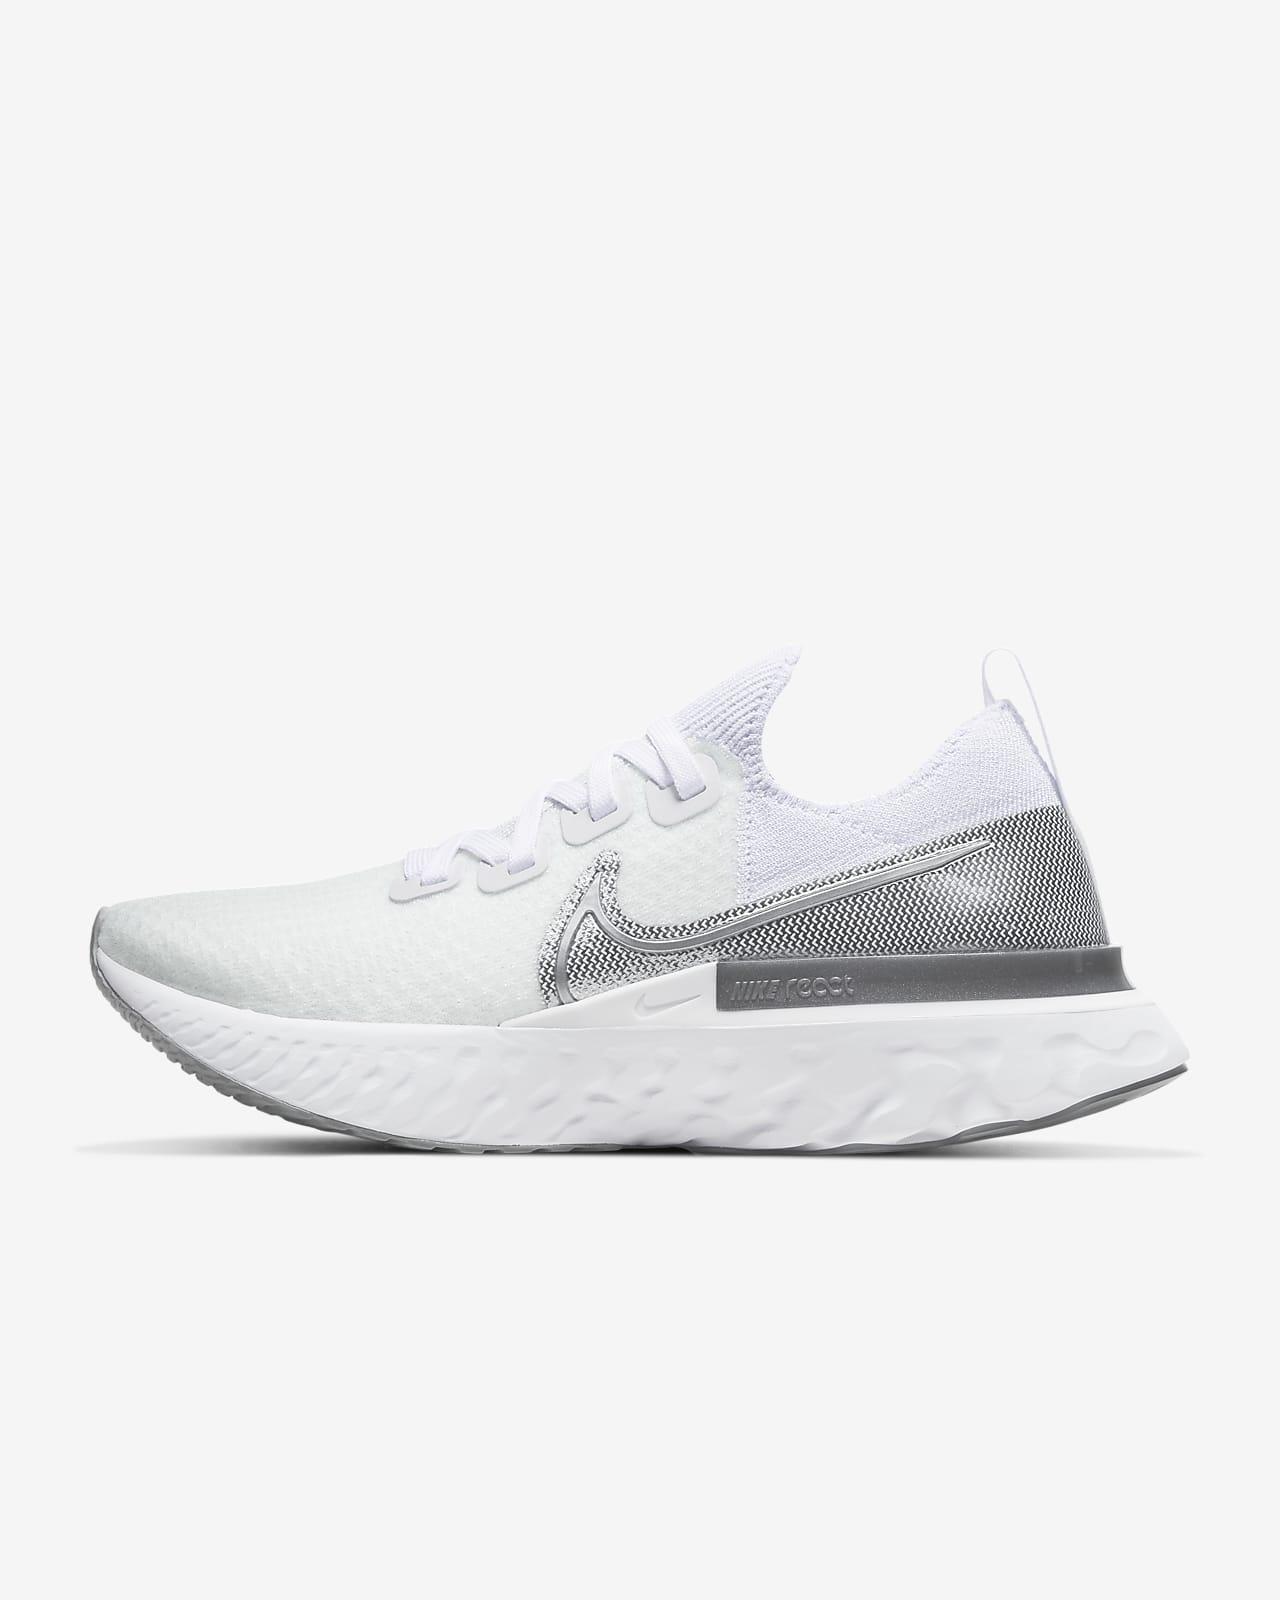 Nike React Infinity Run Flyknit Women's Road Running Shoes